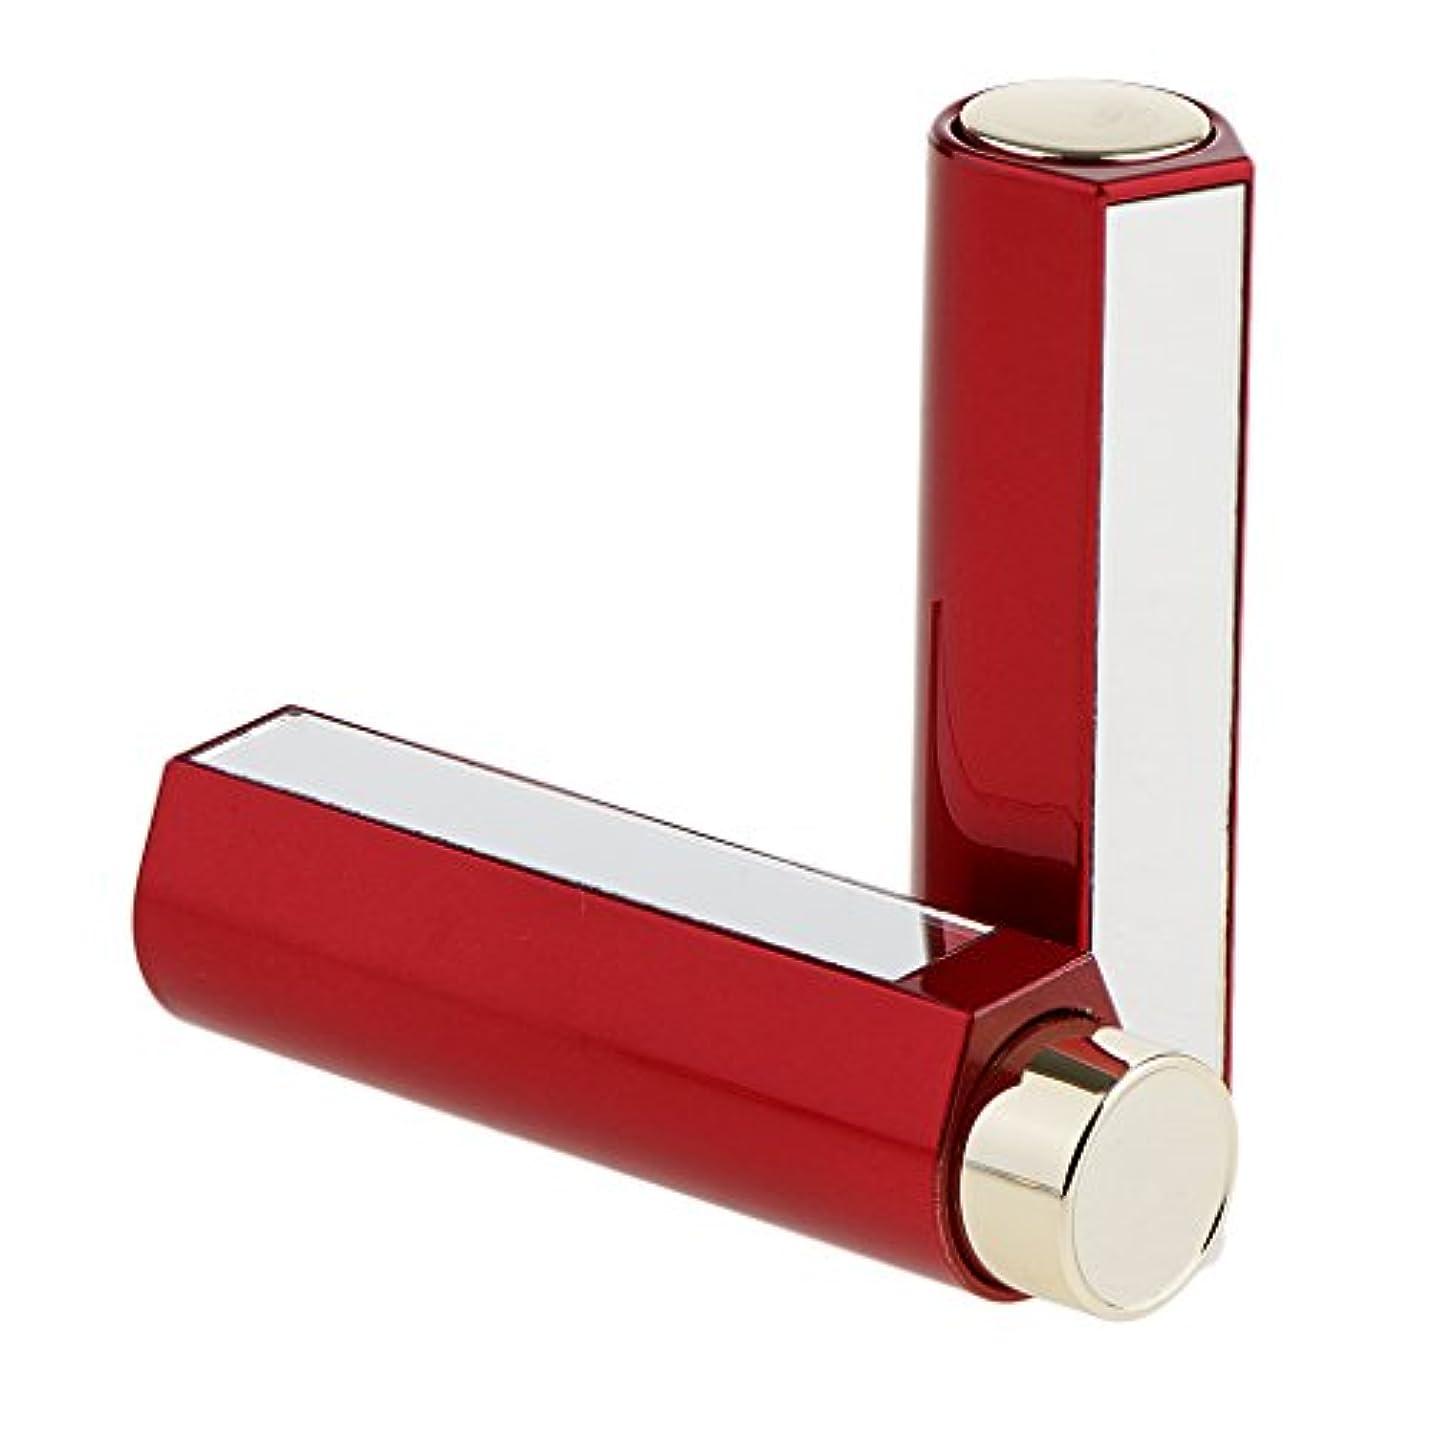 サッカー作成する提供2本 空チューブ コスメ用詰替え容器 リップスティック 口紅チューブ 12.1MM口紅チューブ用 リップクリーム DIY メイクアップ 2色選べる - 赤